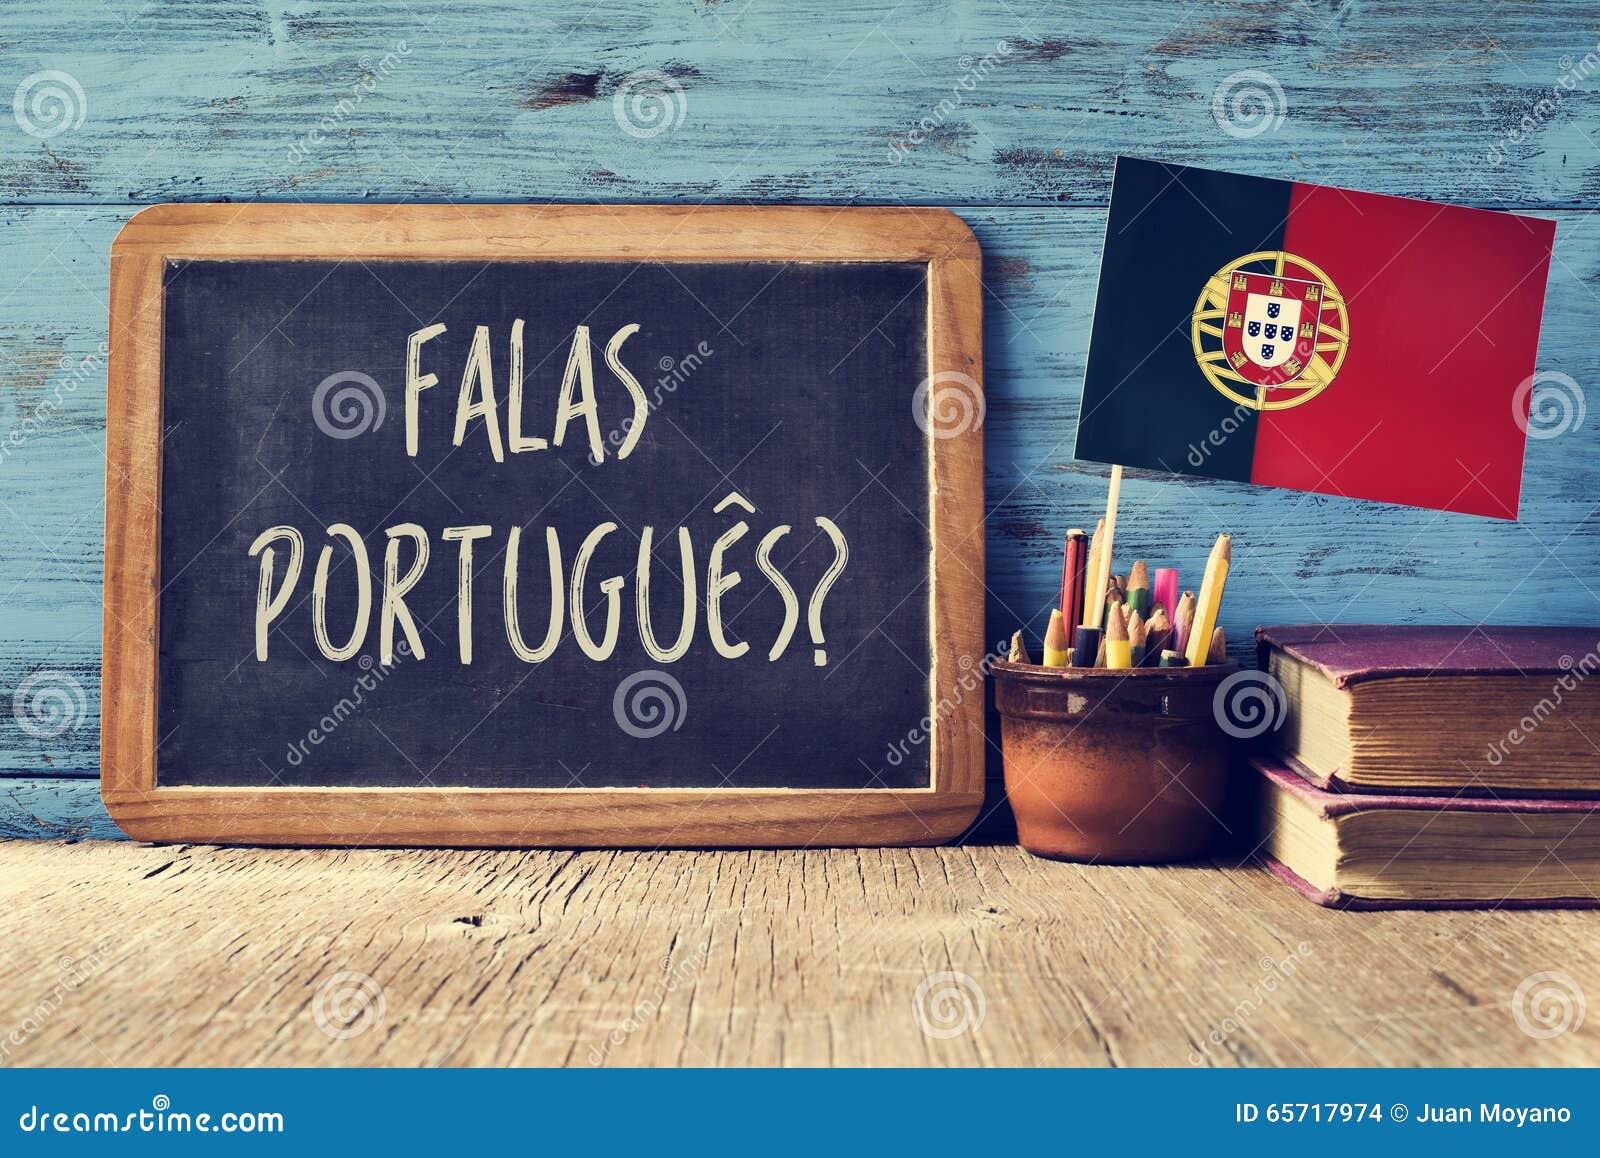 Portuges de falas de question parlez vous portugais photo